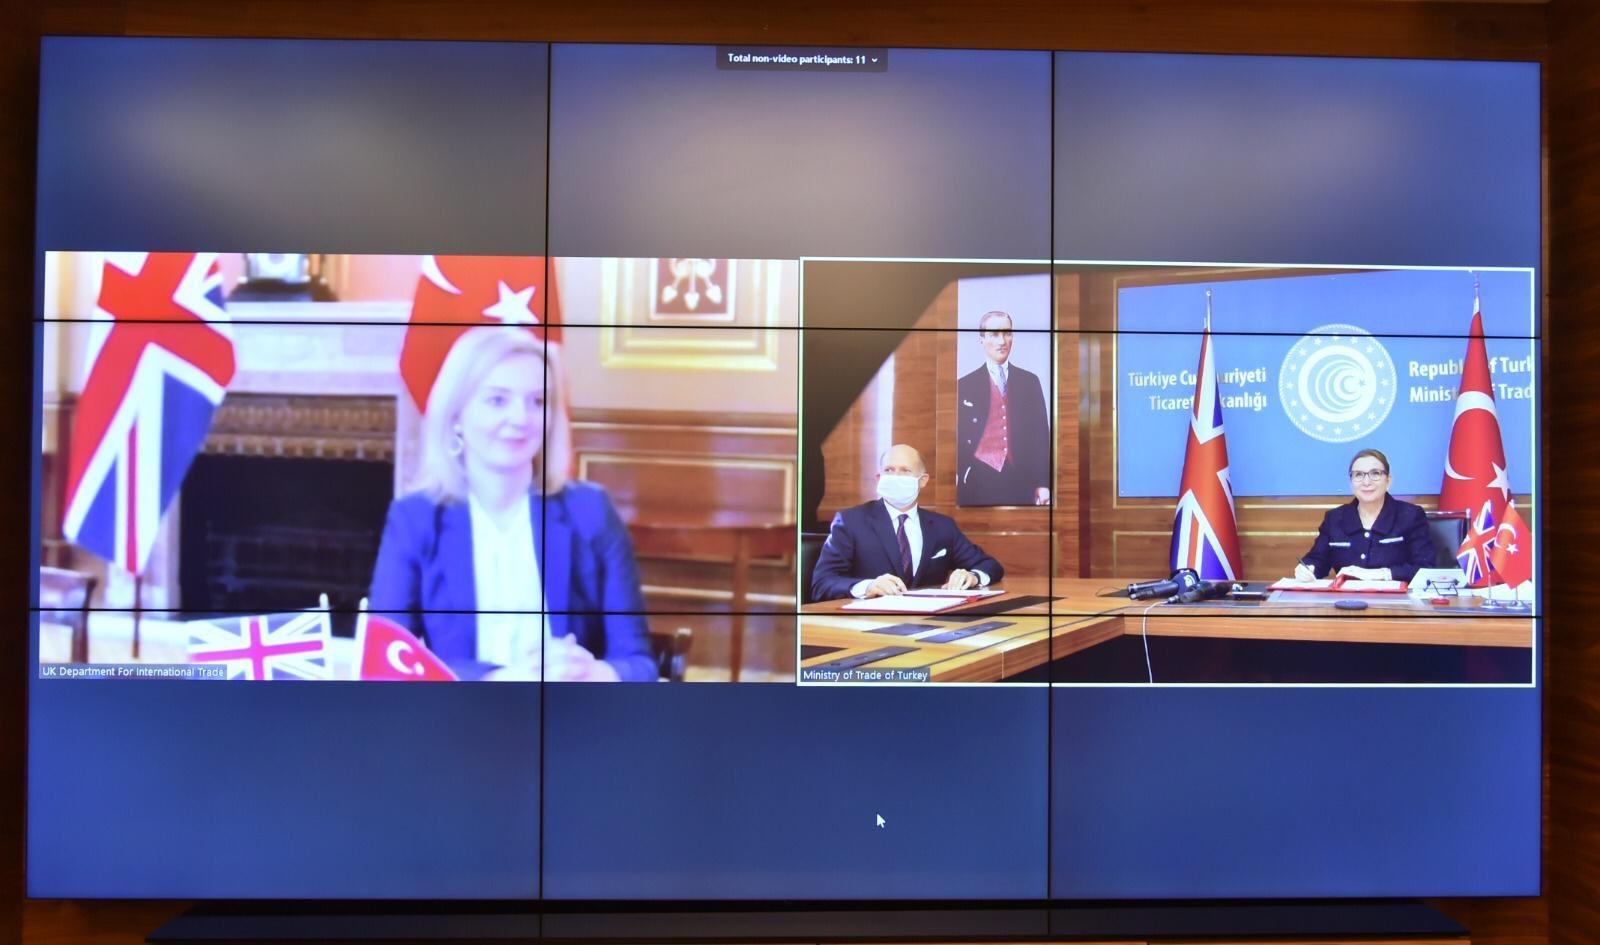 İngiltere, AB'den ayrıldıktan sonra ilk serbest ticaret anlaşmasını Türkiye ile imzaladı